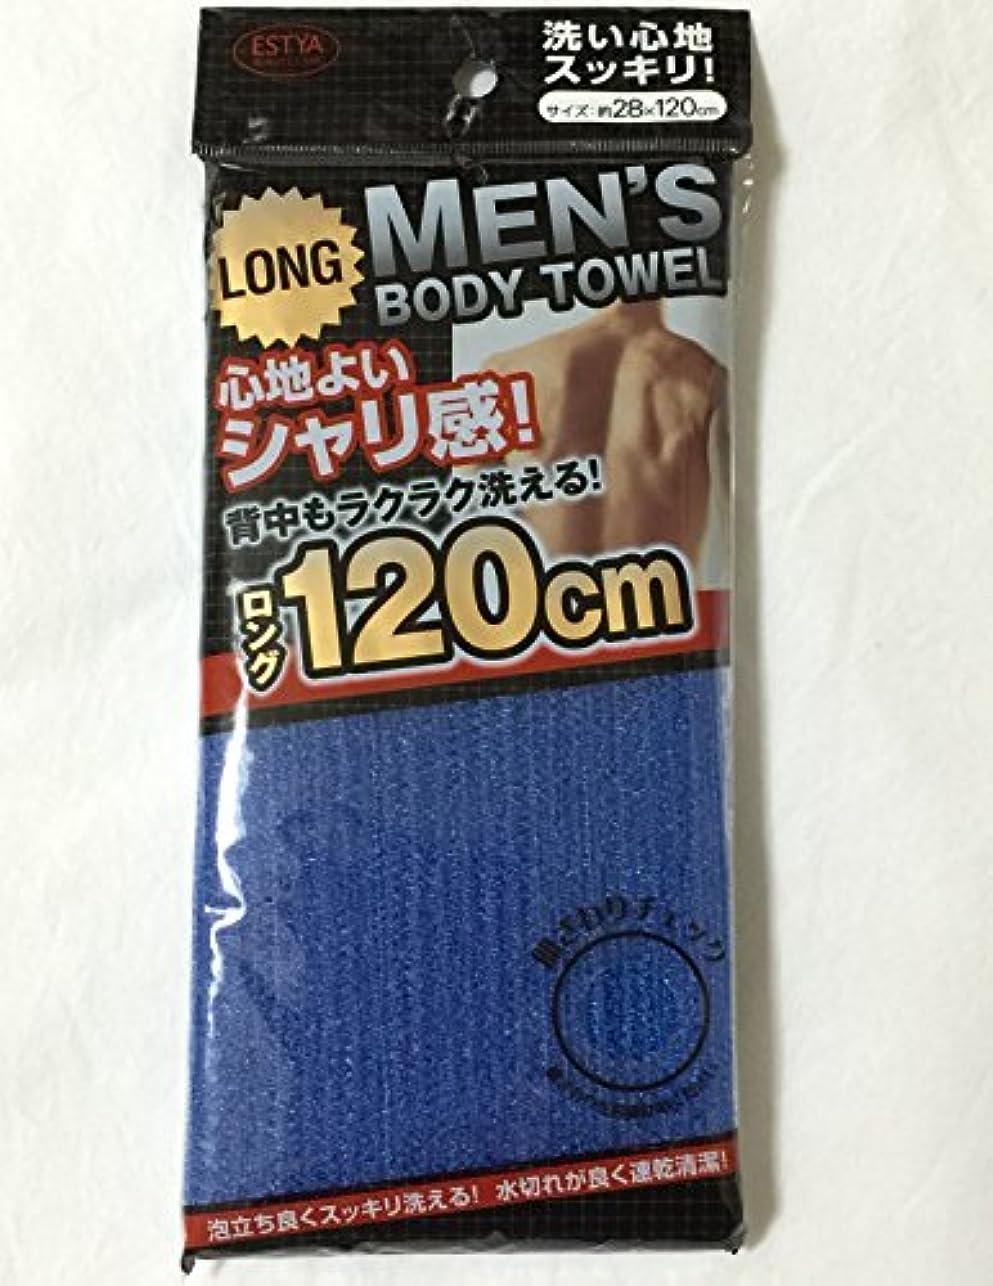 ぶら下がる数センブランスメンズ ボディー  タオル 120cm ( かため ) スッキリ 爽快 ! 男性用 ロング ナイロン タオル